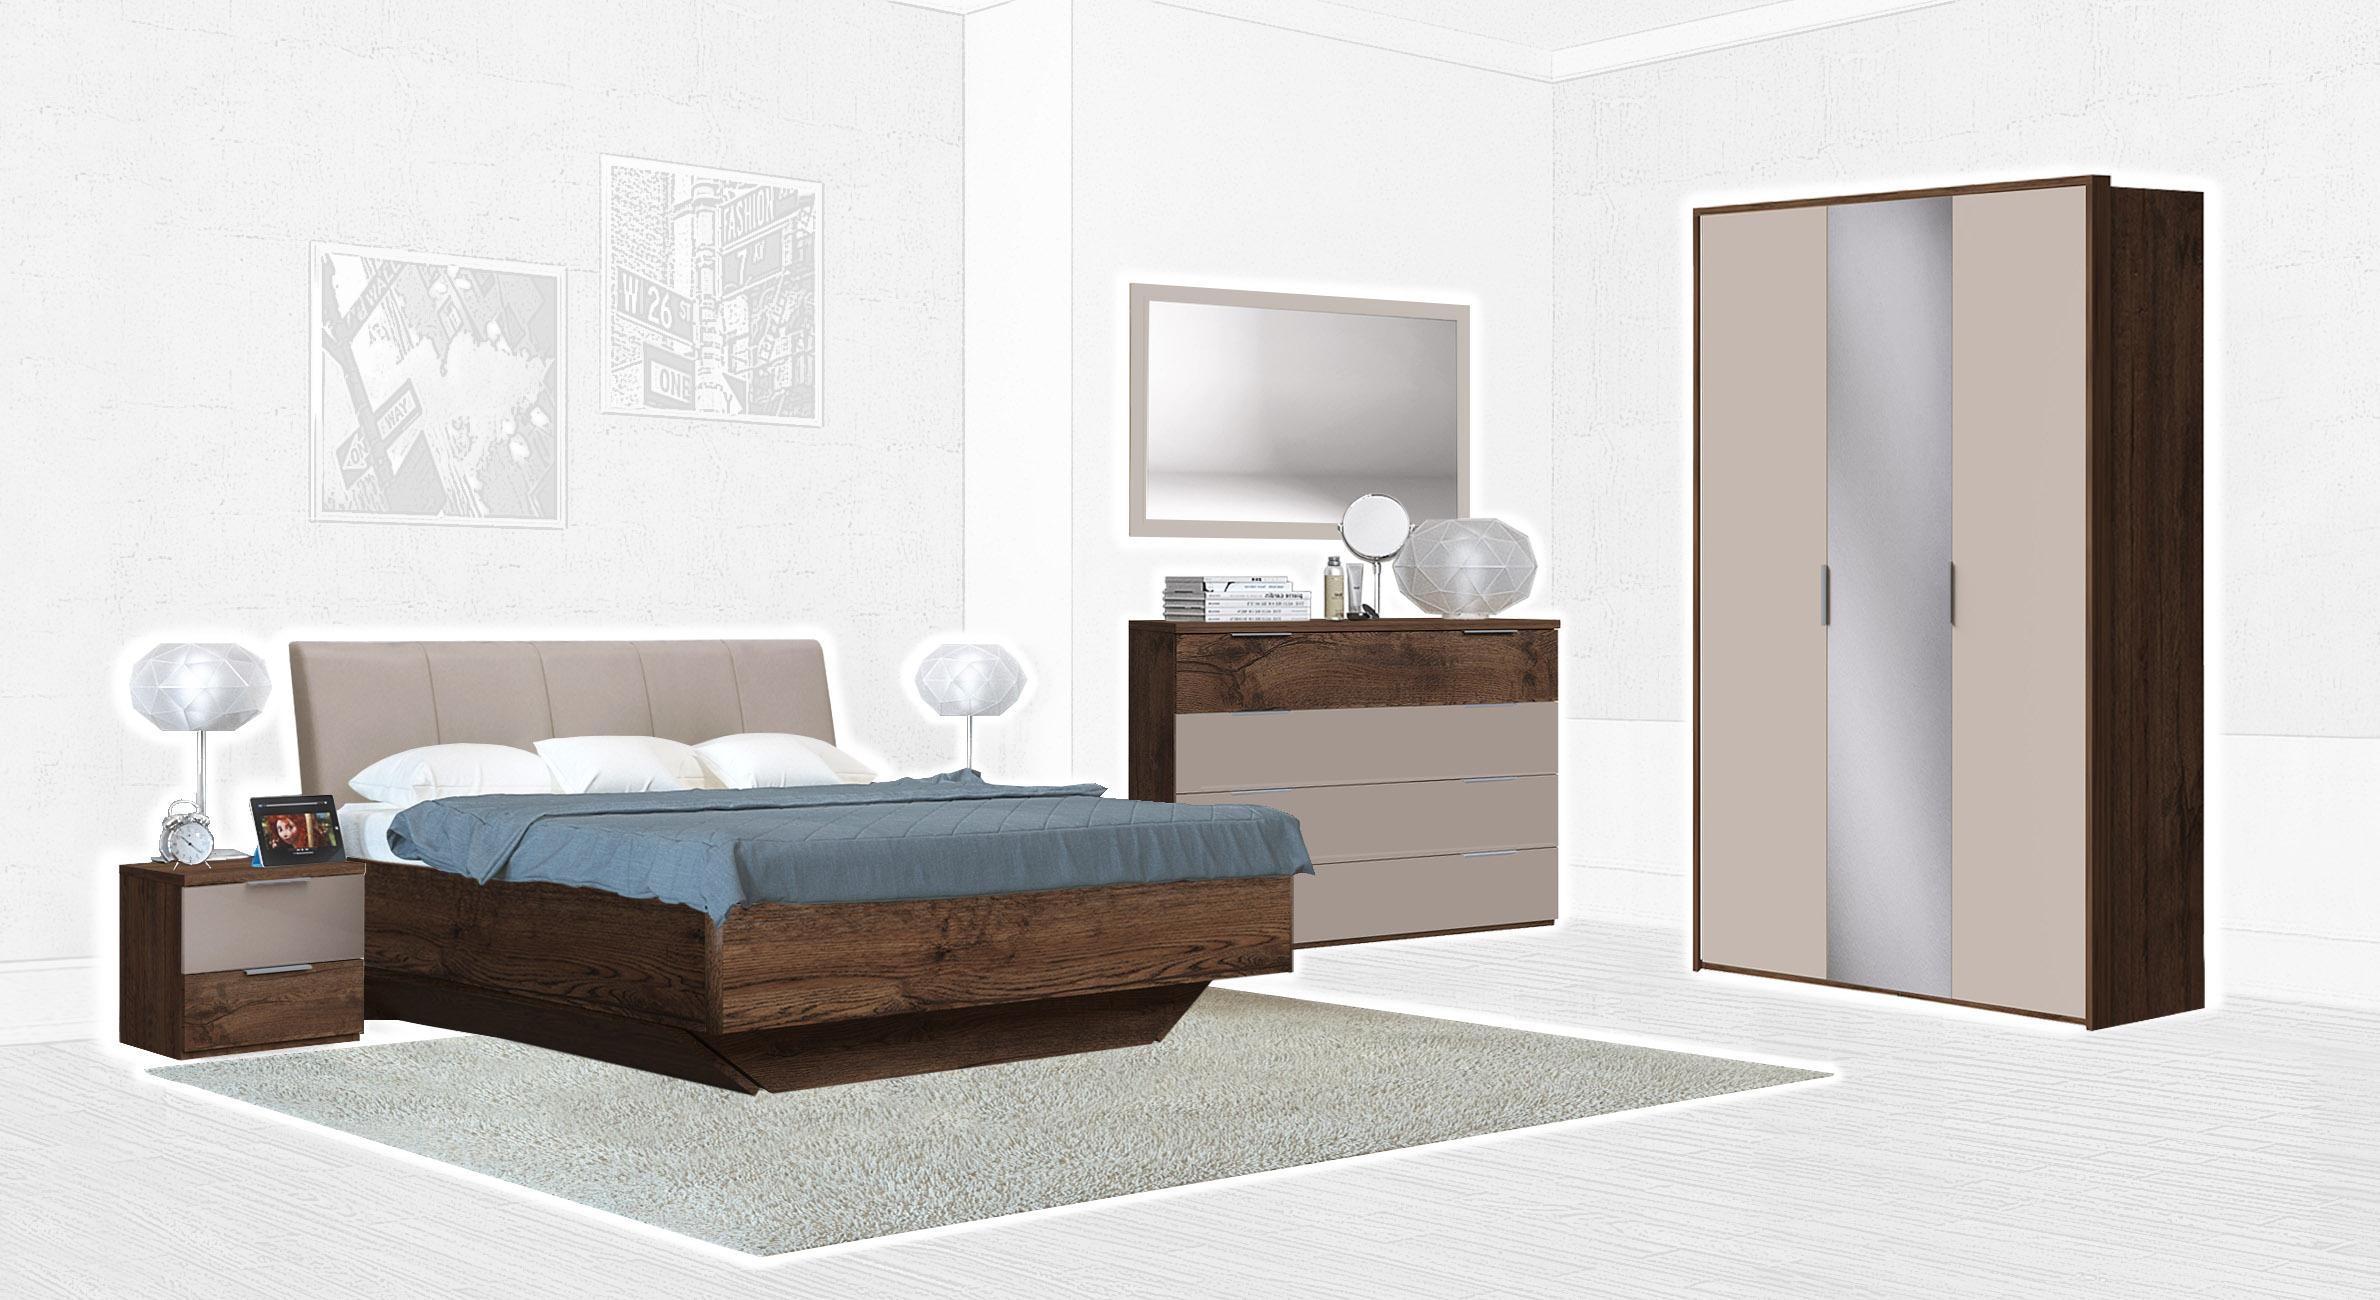 Спальня Интердизайн Тоскано дуб эйприл/капучино (композиция 3)